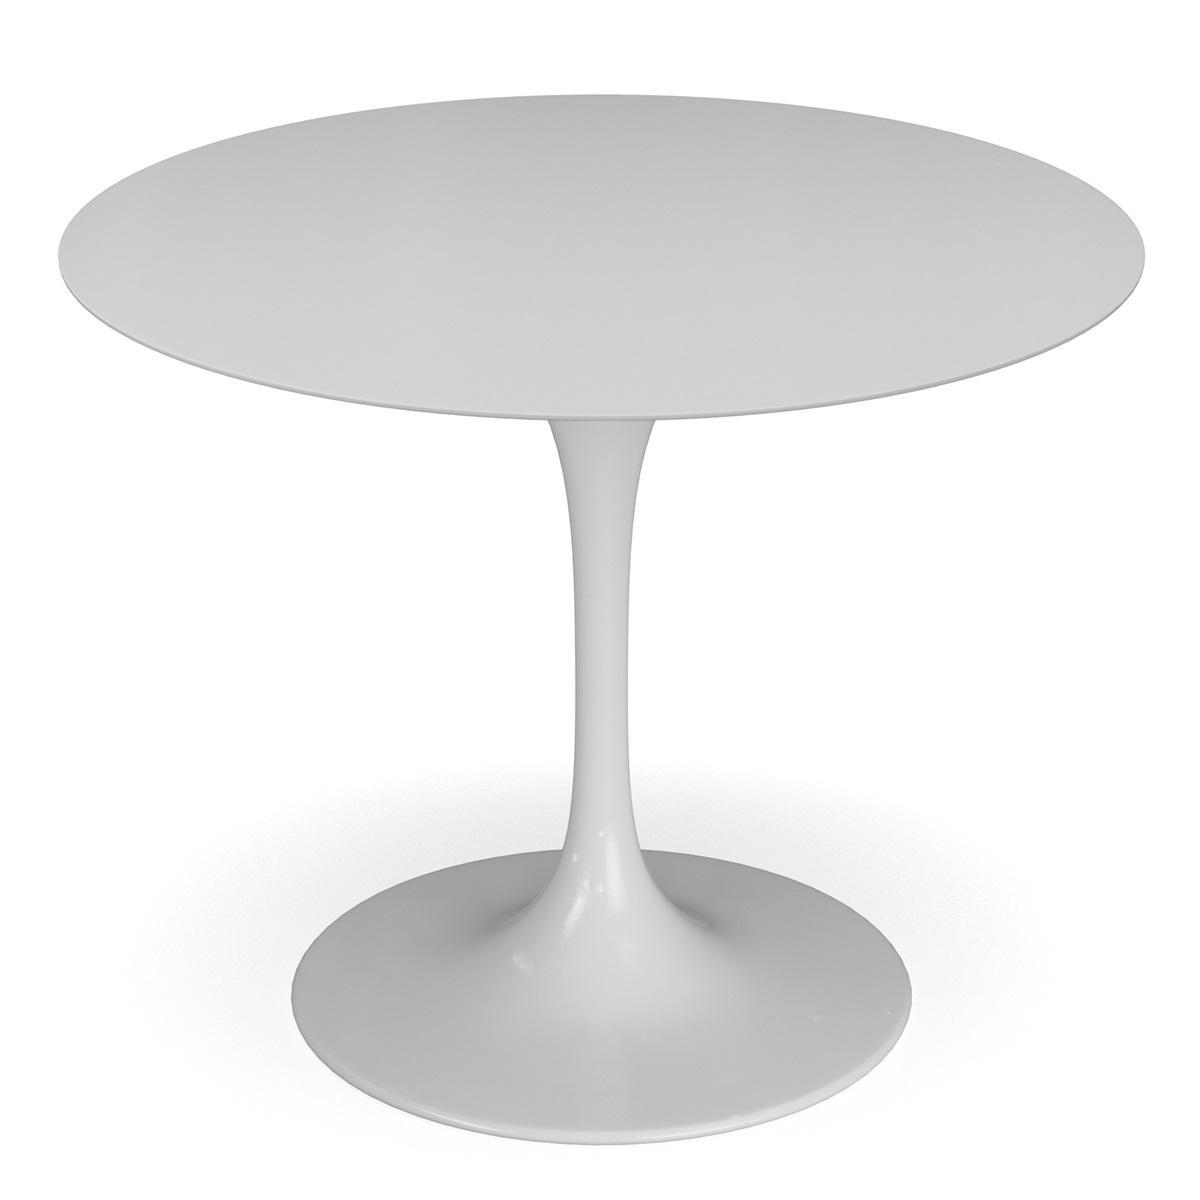 Delicieux Saarinen Tulip Round Dining Table